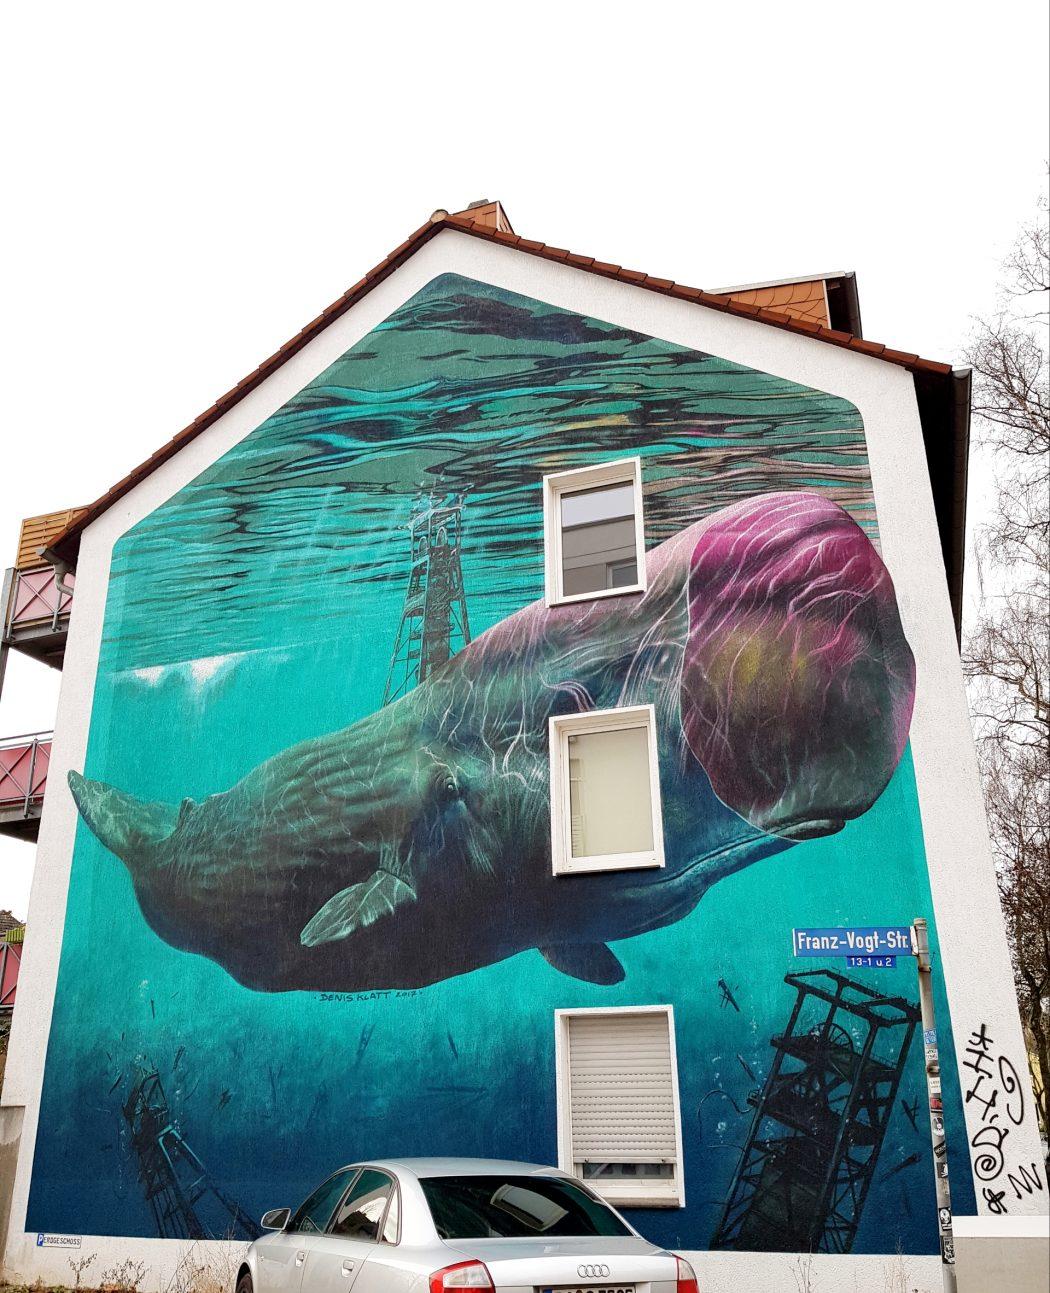 Das Foto zeigt ein riesen Pottwal Graffiti auf einer Hauswand in Bochum